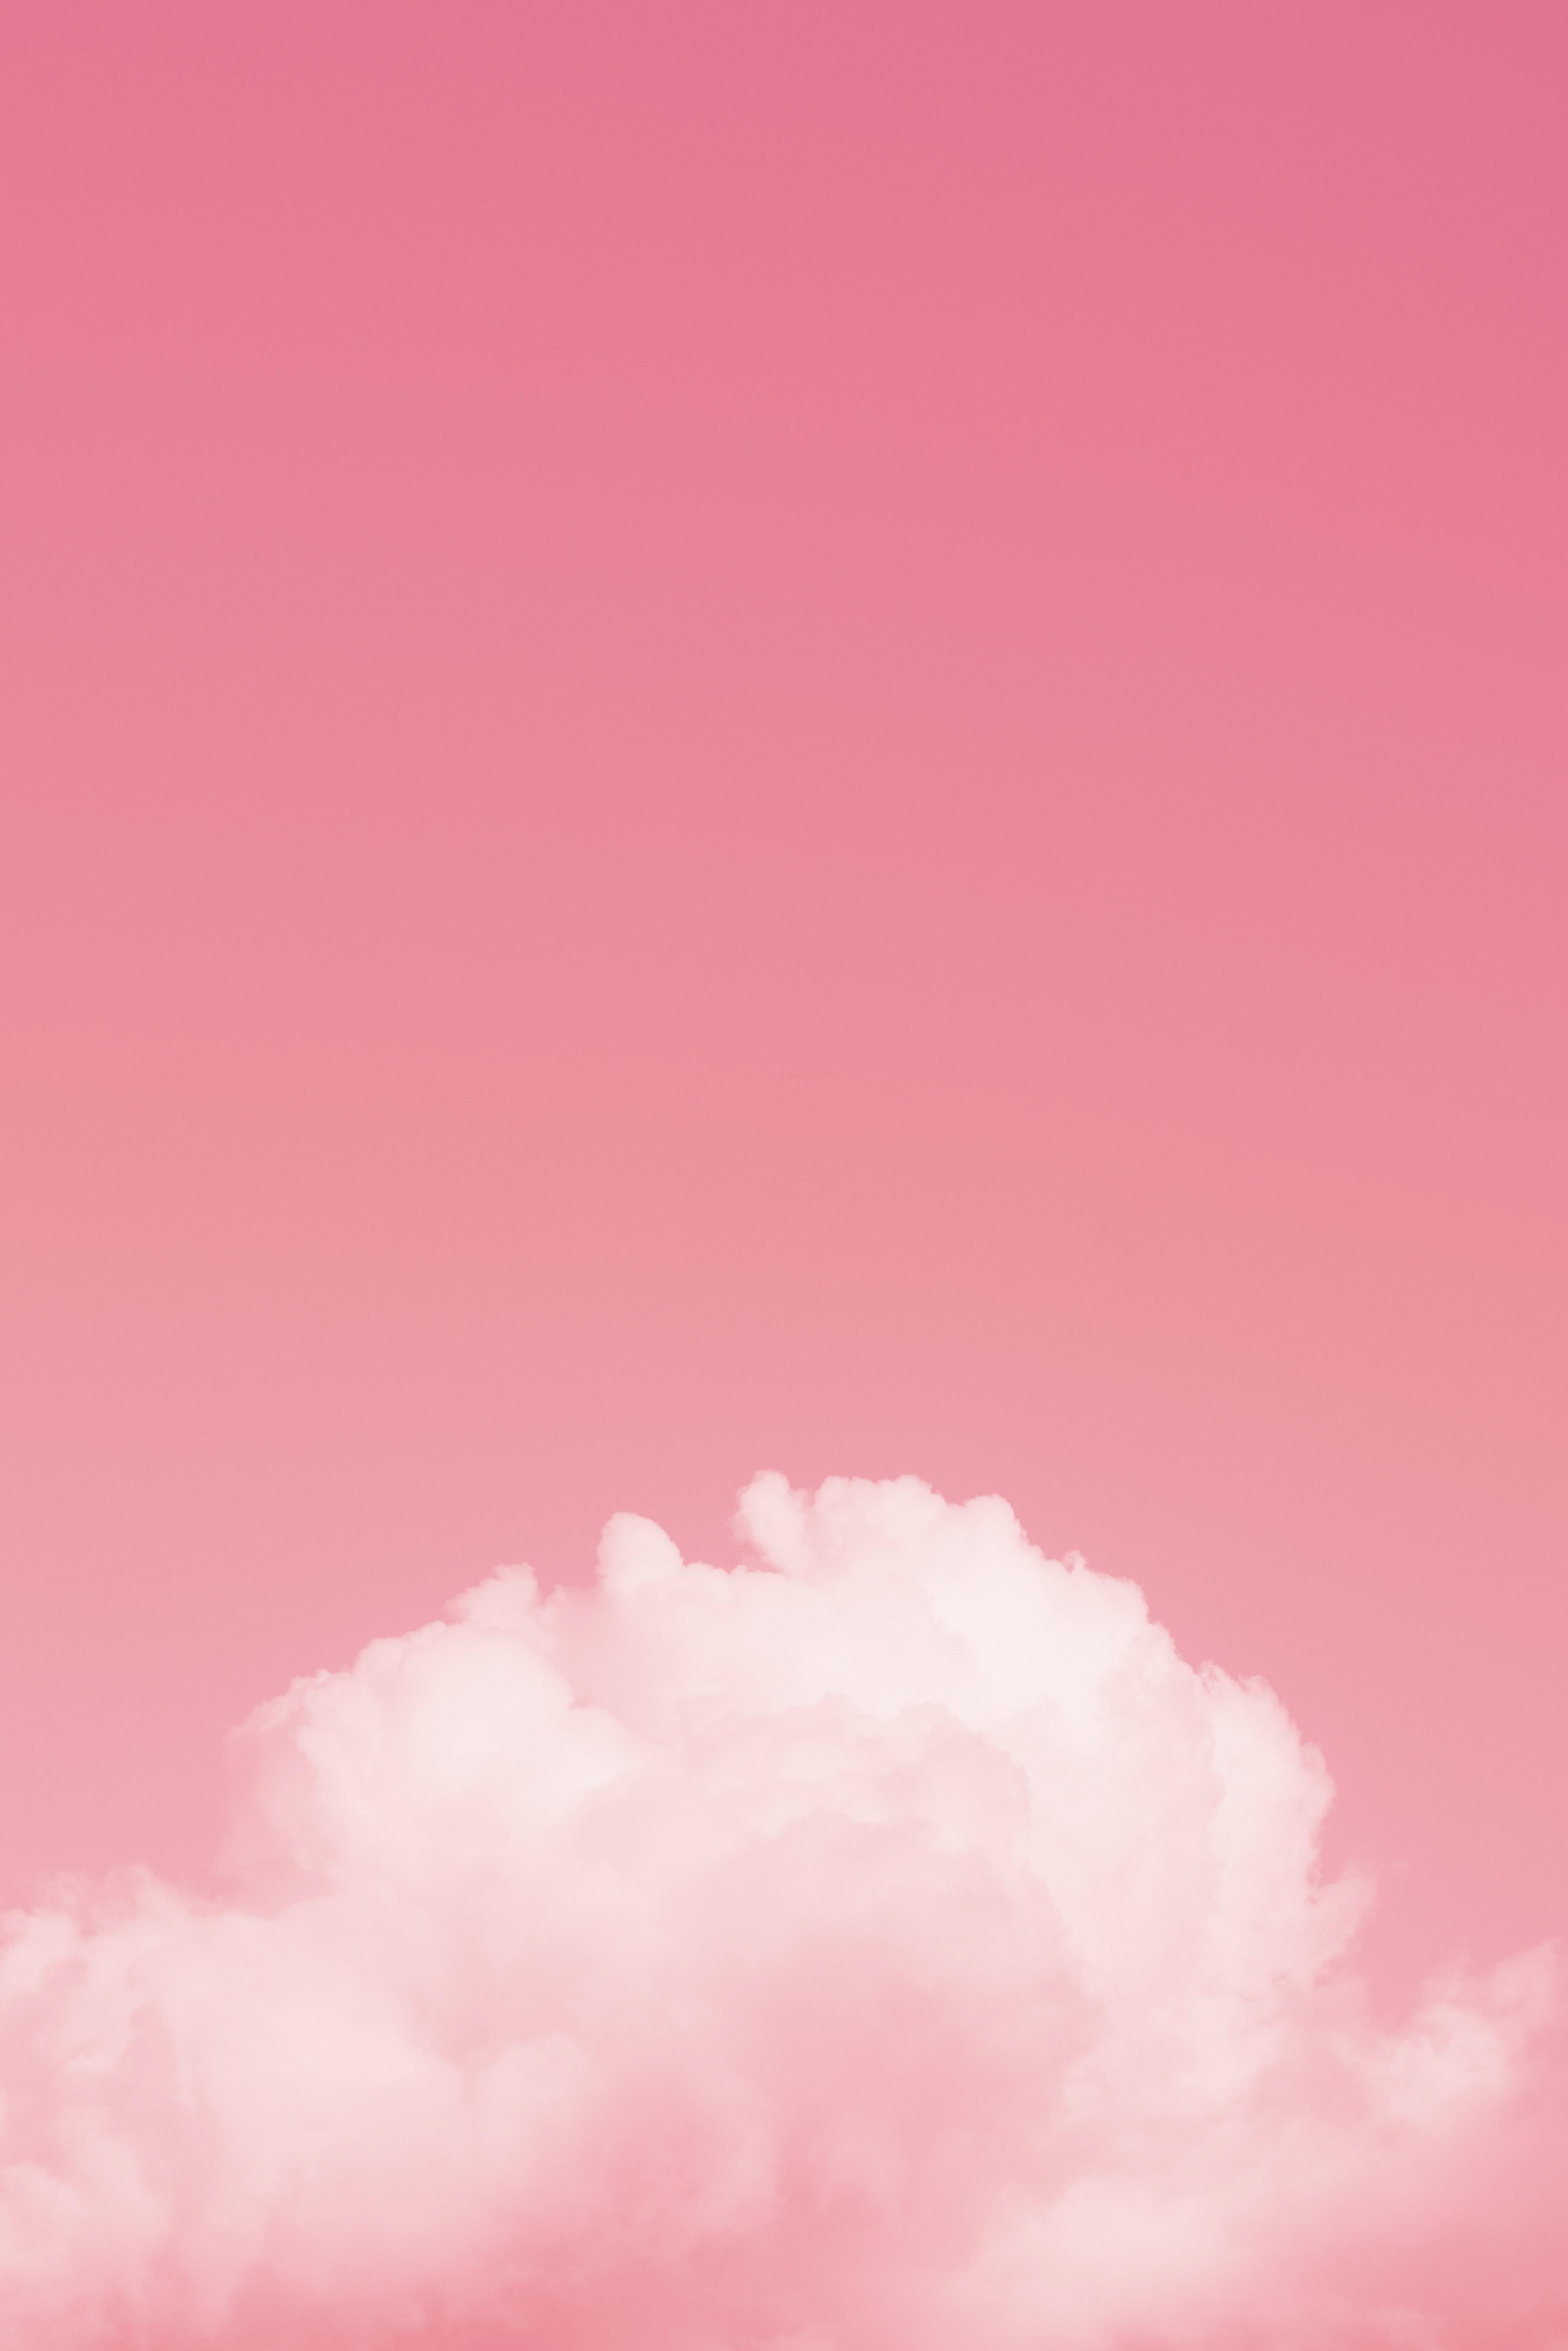 108780 免費下載壁紙 极简主义, 云, 云端, 天空, 粉色的, 粉色 屏保和圖片